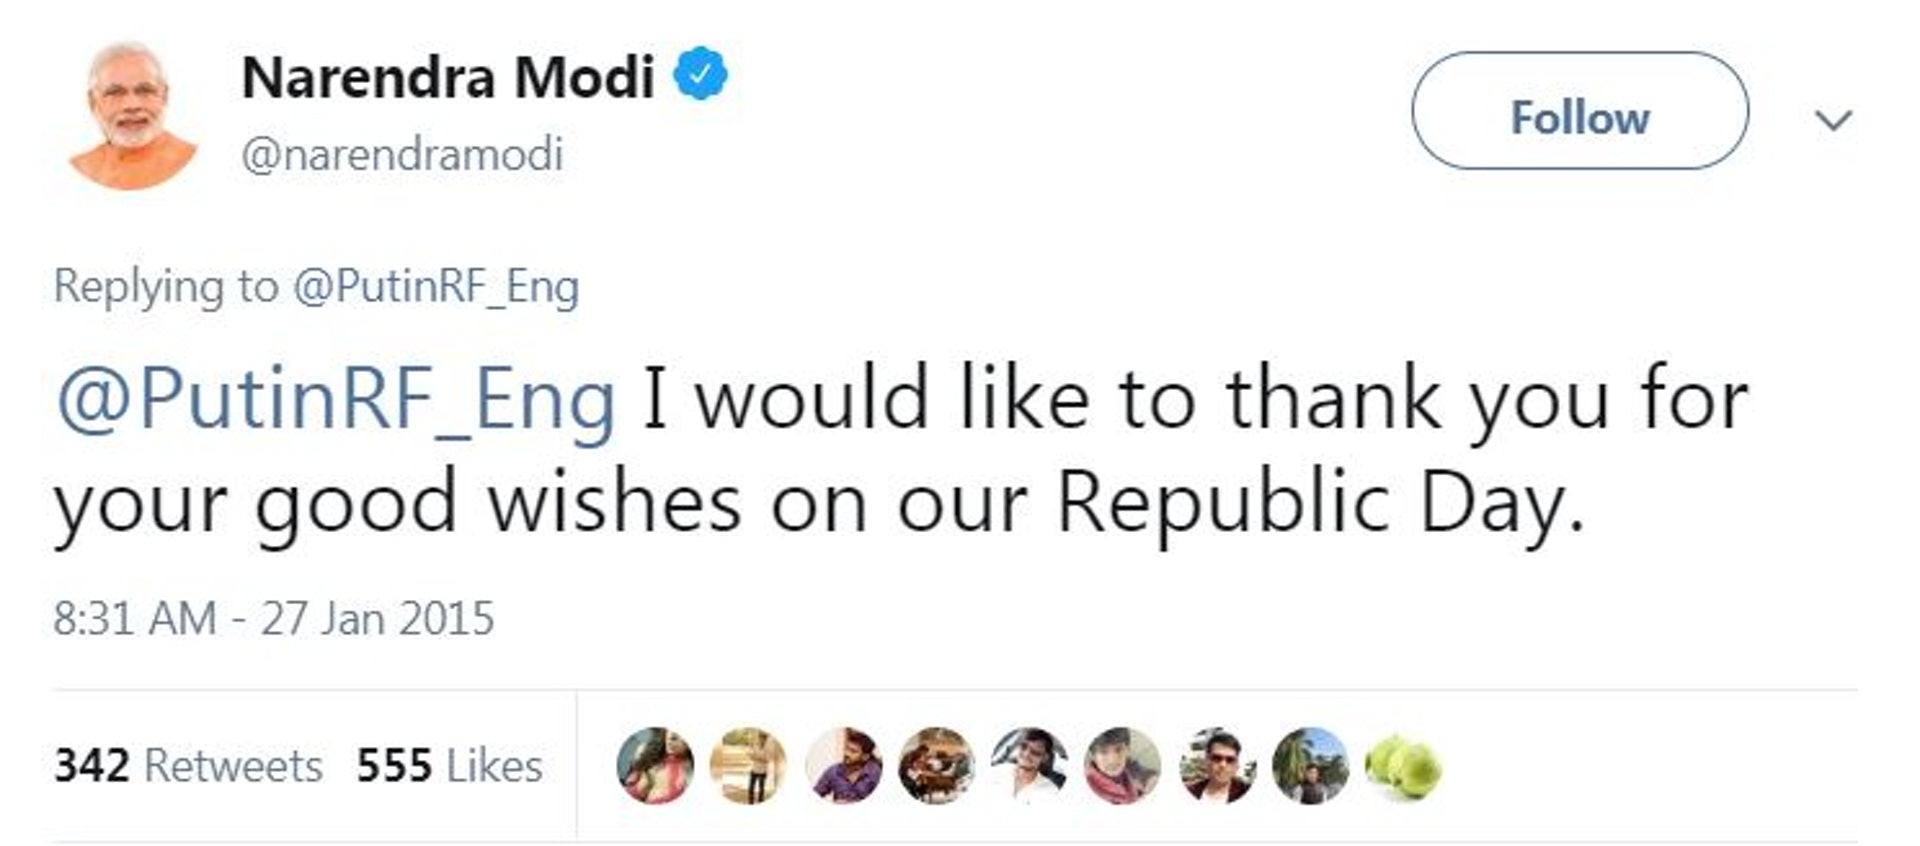 冒認普京的Twitter帳號騙術高超,連印度總理也標籤它,與「普京」對話。(截自Twitter)